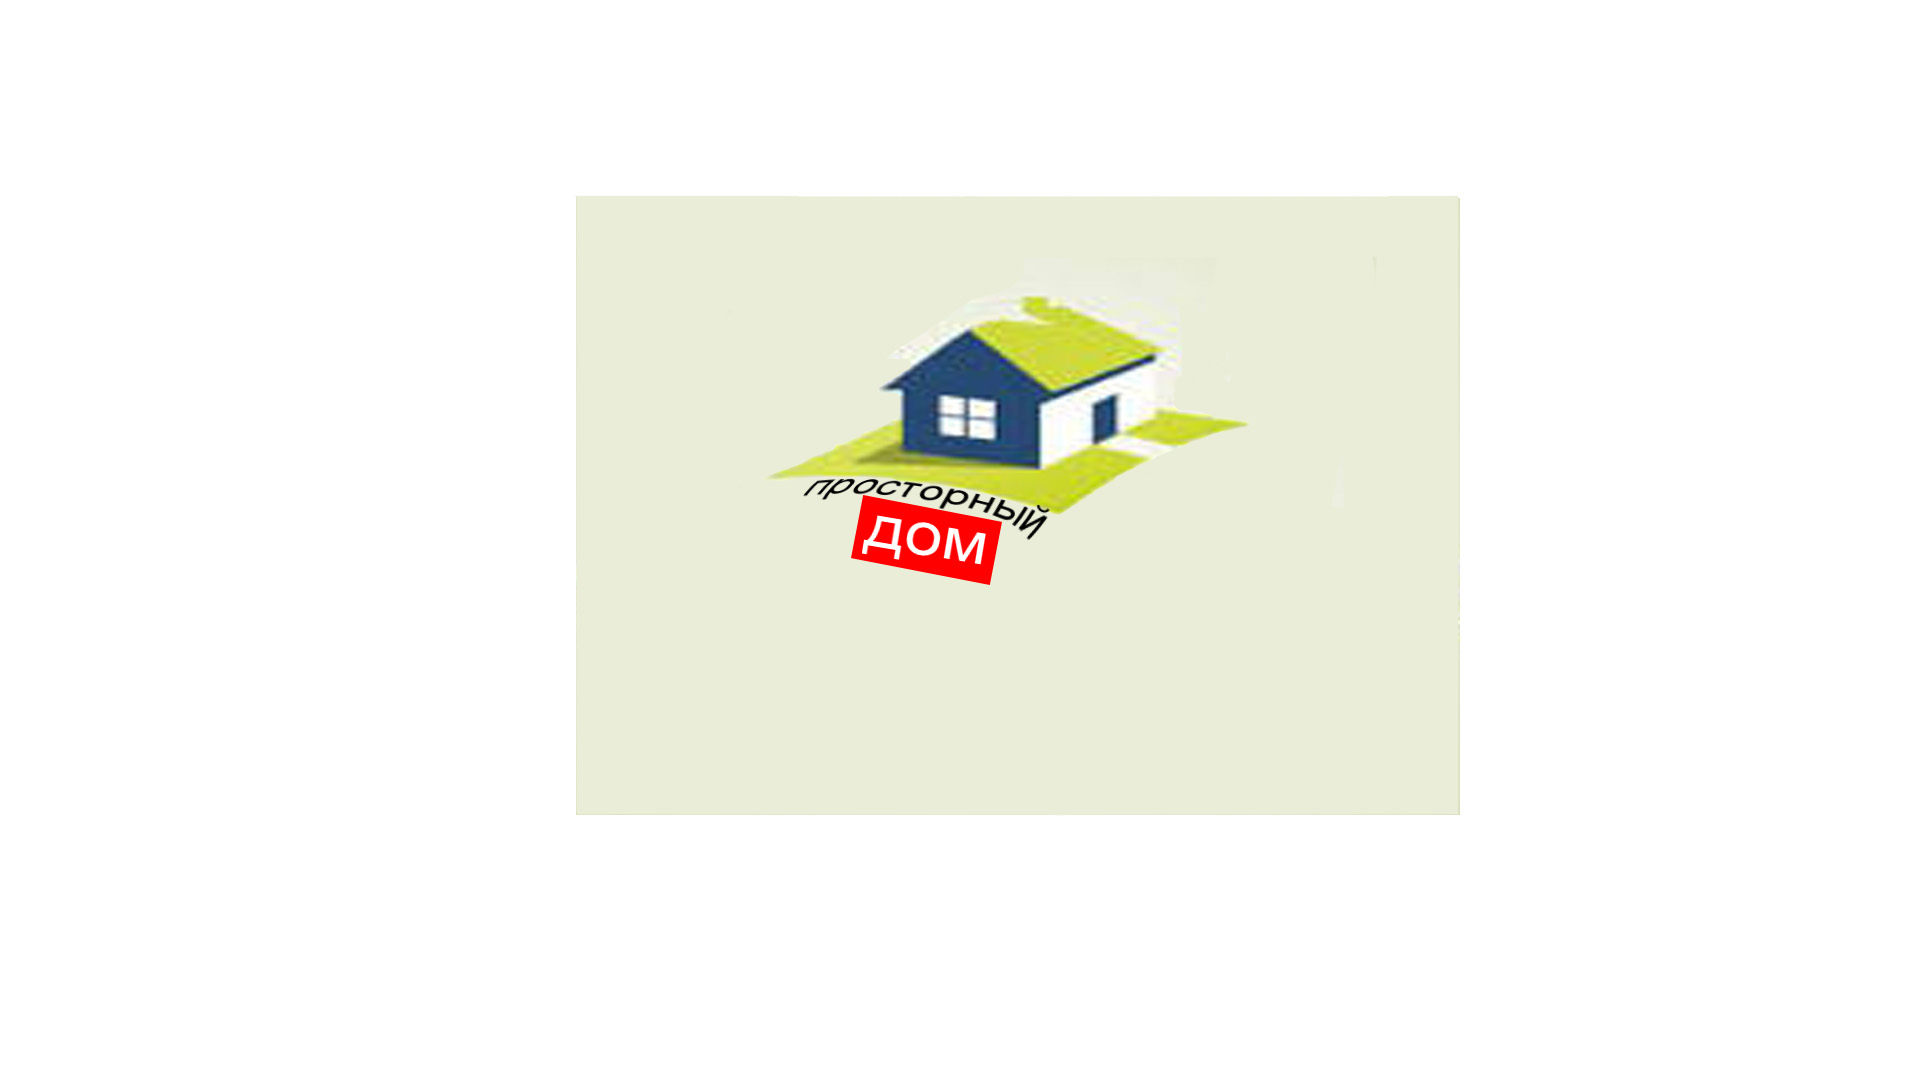 Логотип и фирменный стиль для компании по шкафам-купе фото f_8925b6ab79c51e99.jpg